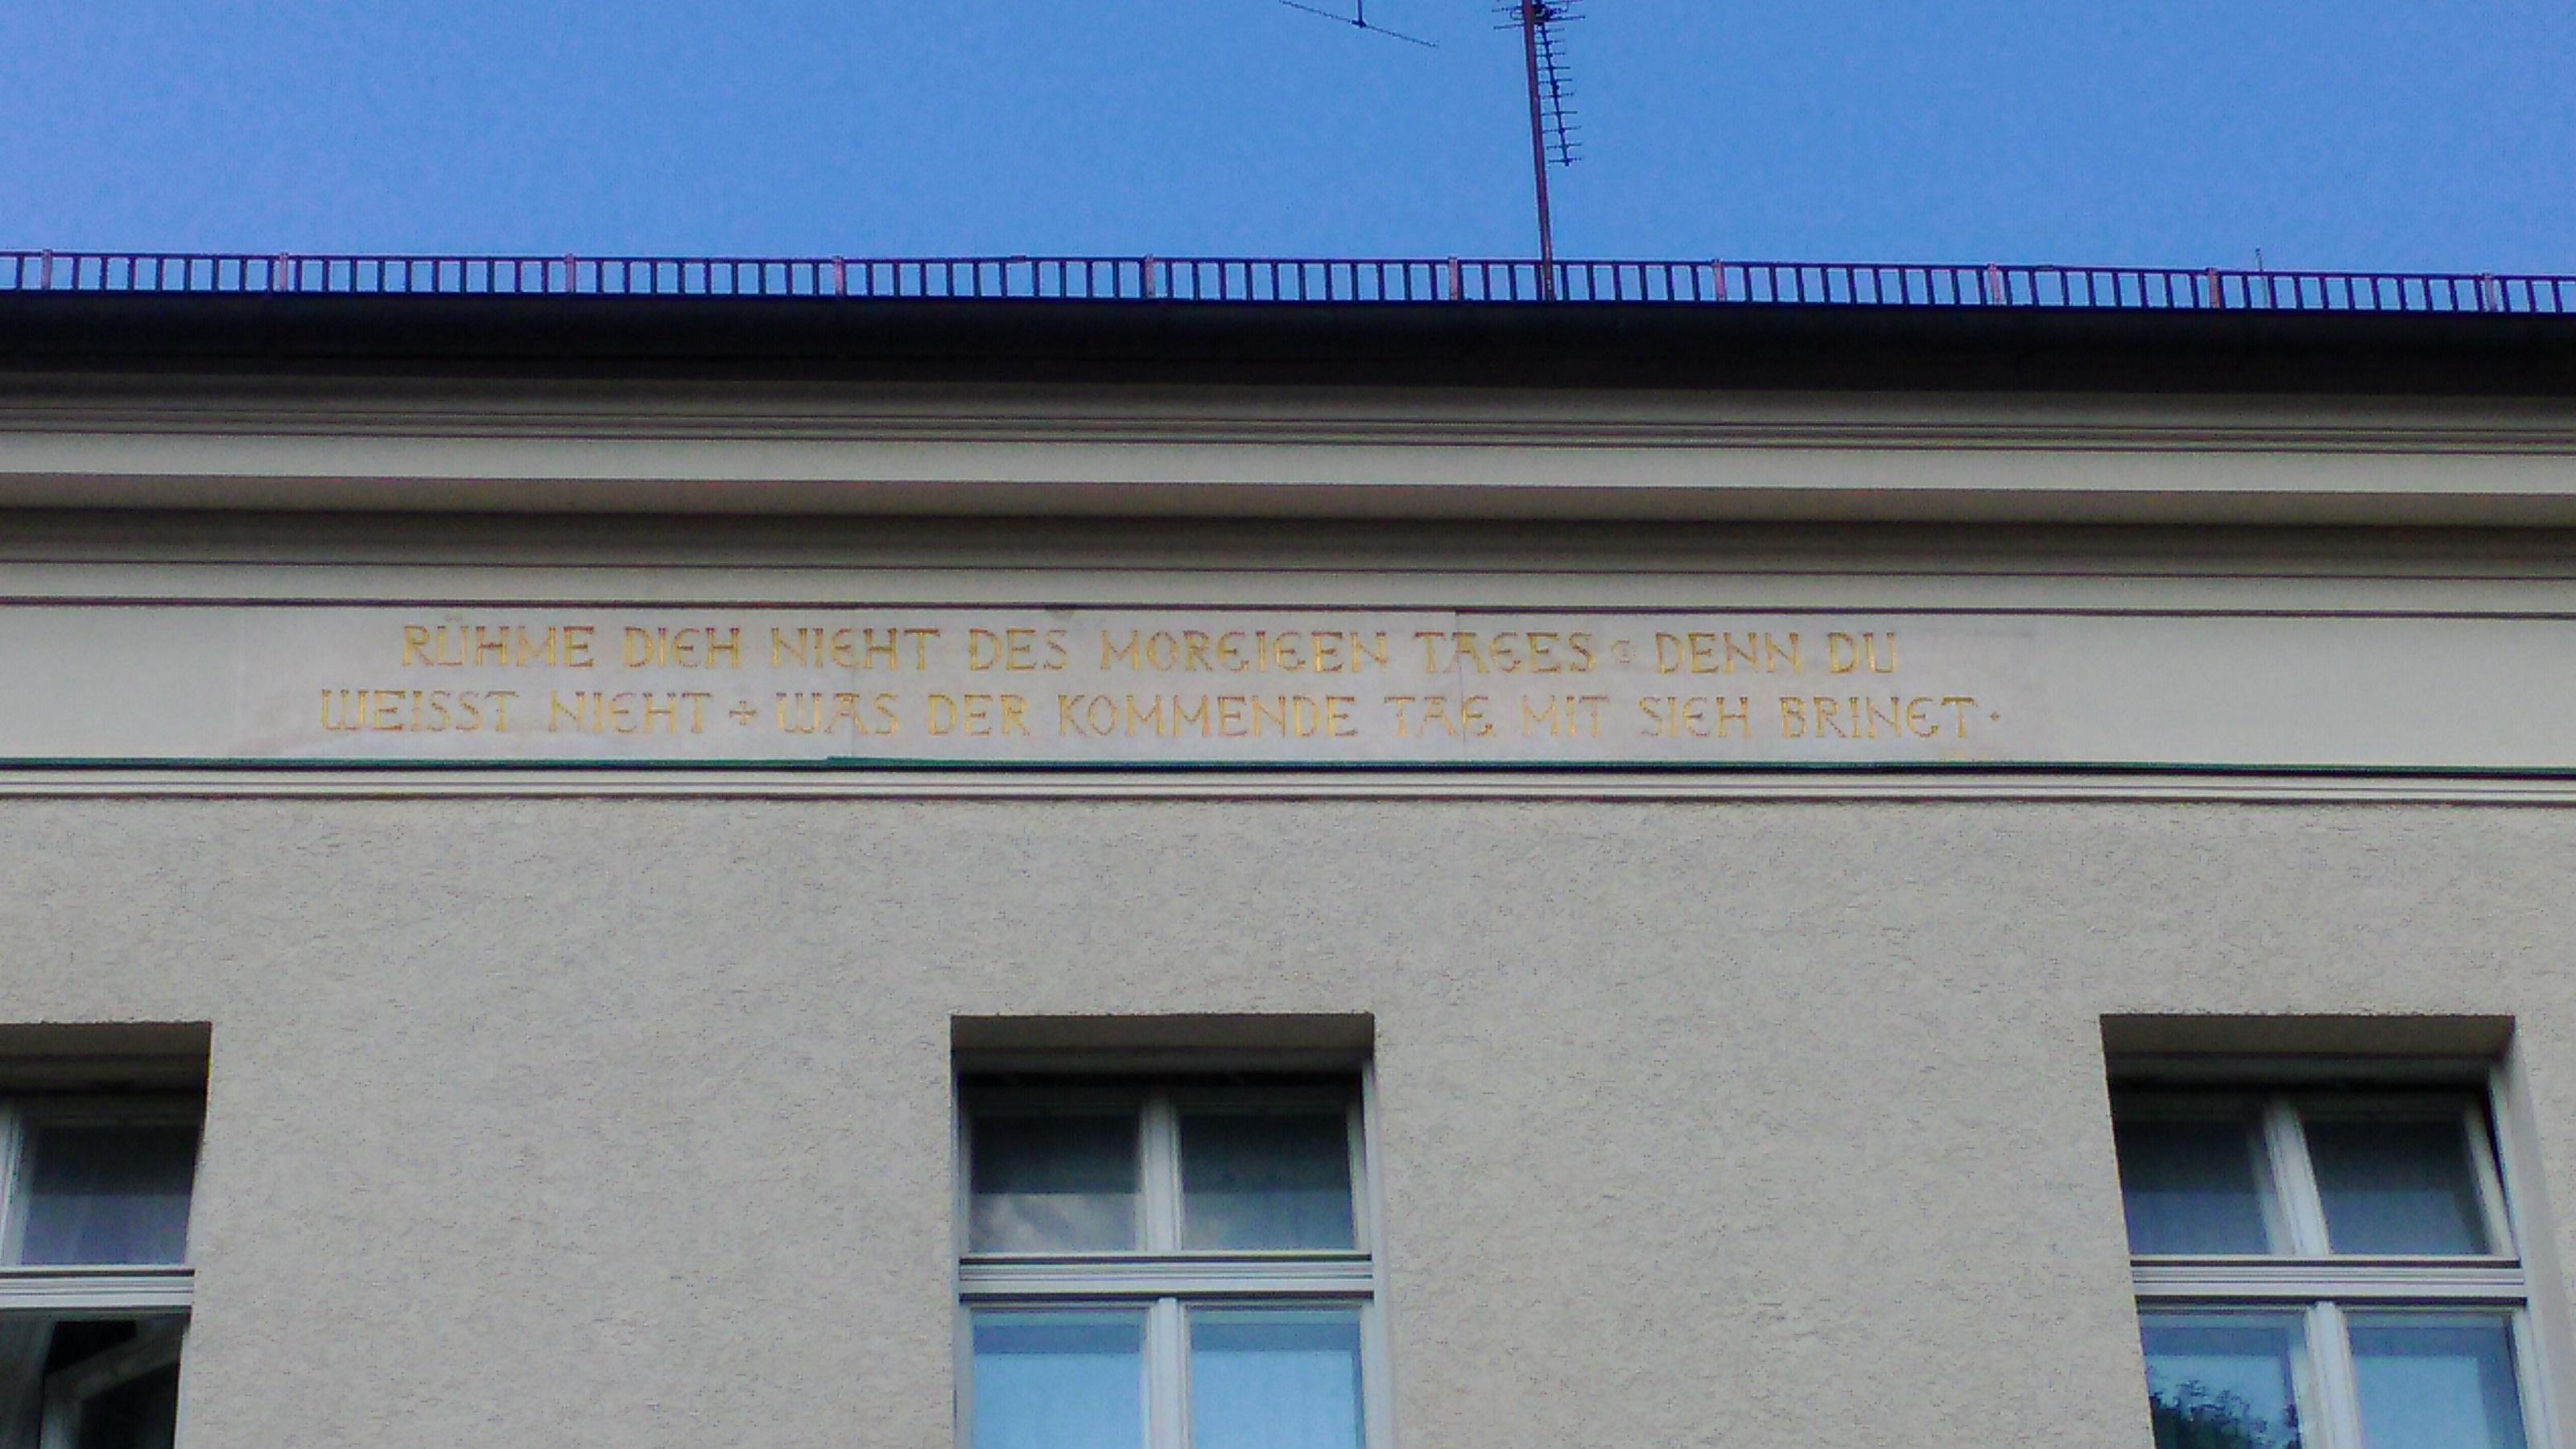 St Platz München file münchen st martins platz 1 sprüche 27 jpg wikimedia commons